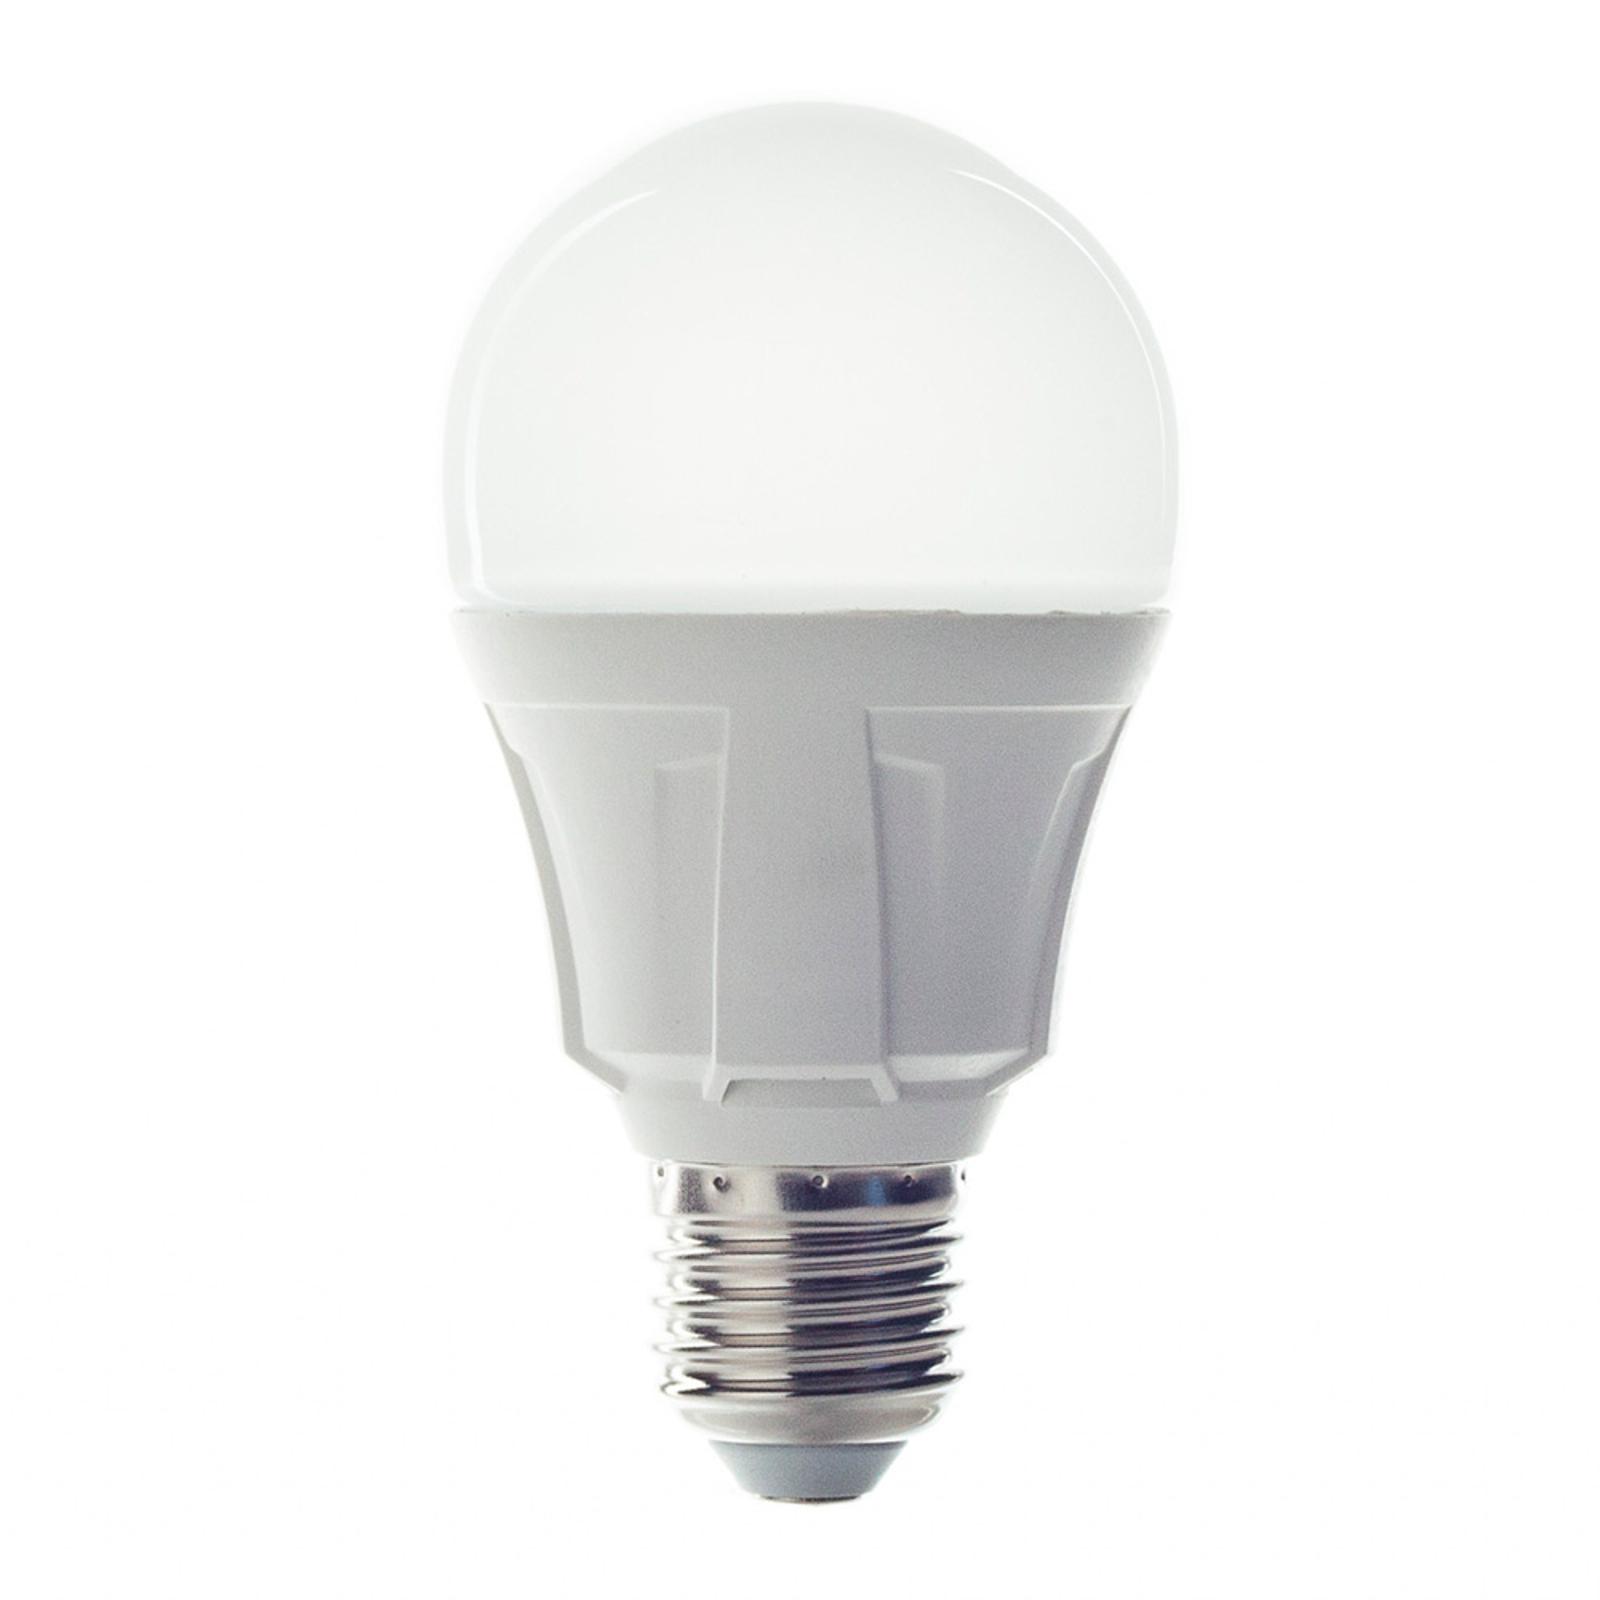 Ampoule LED E27 11W 830 blanc chaud